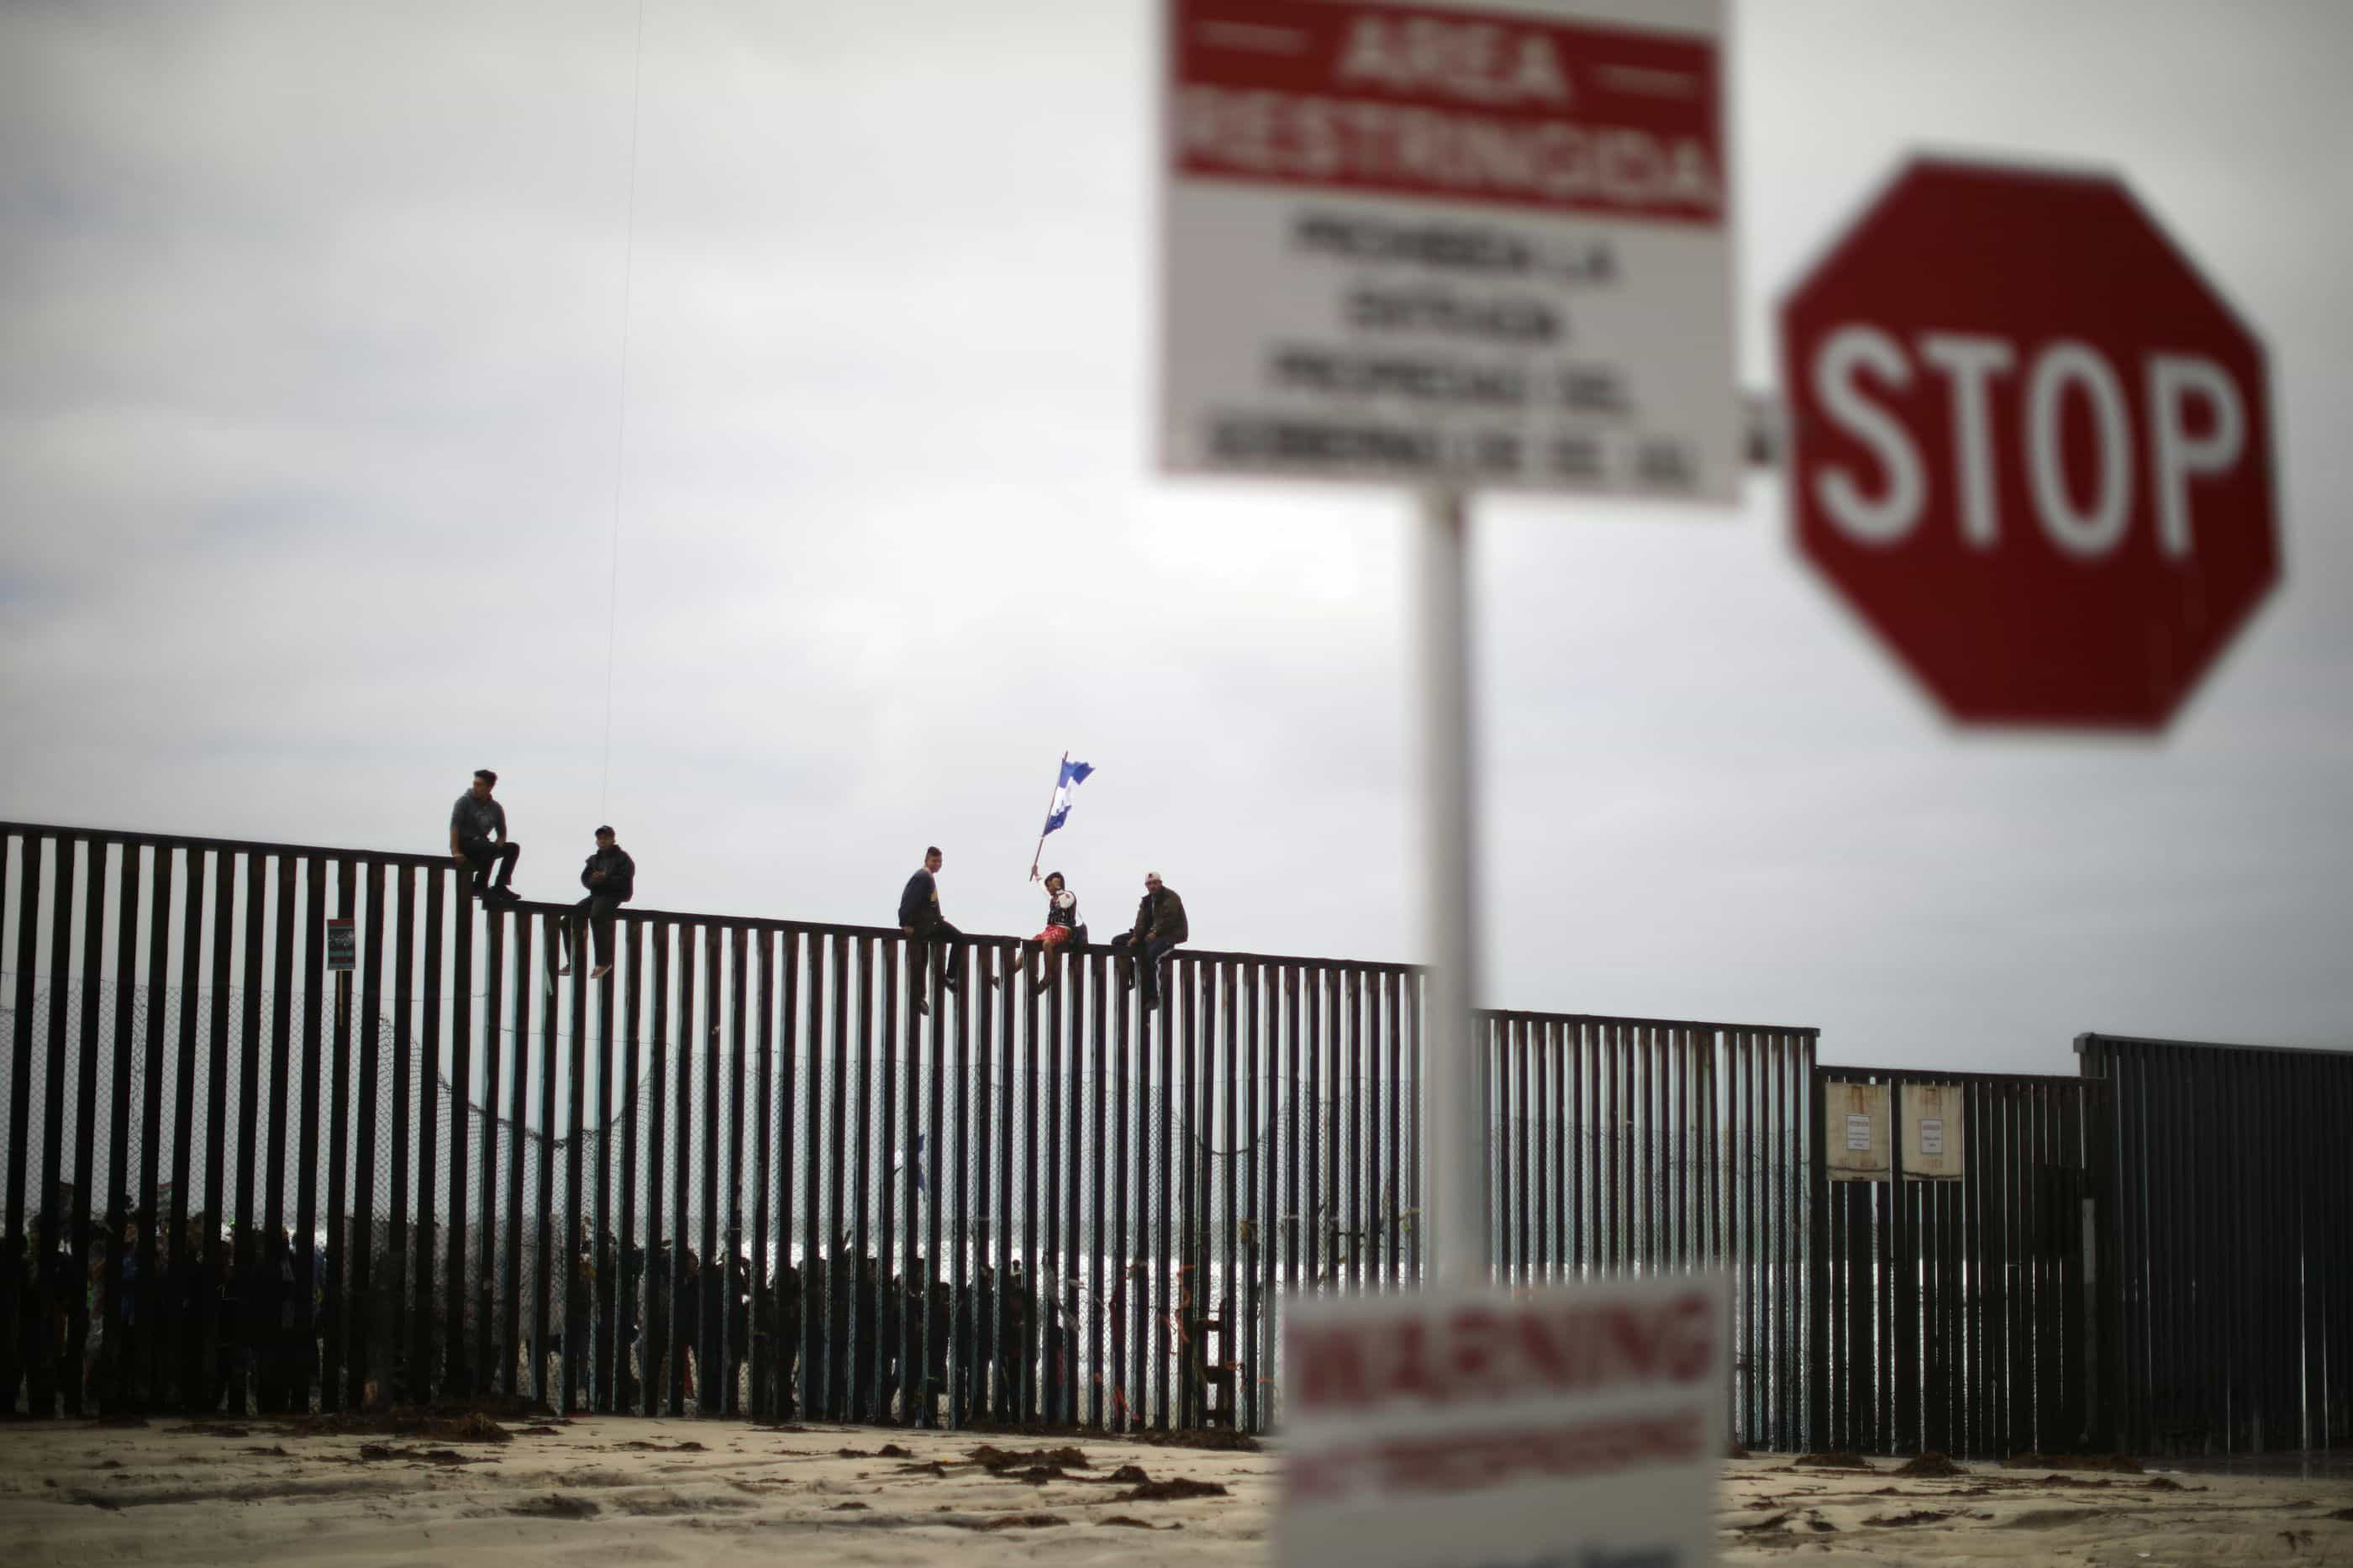 Líder de milícia na fronteira EUA-México detido por posse de armas